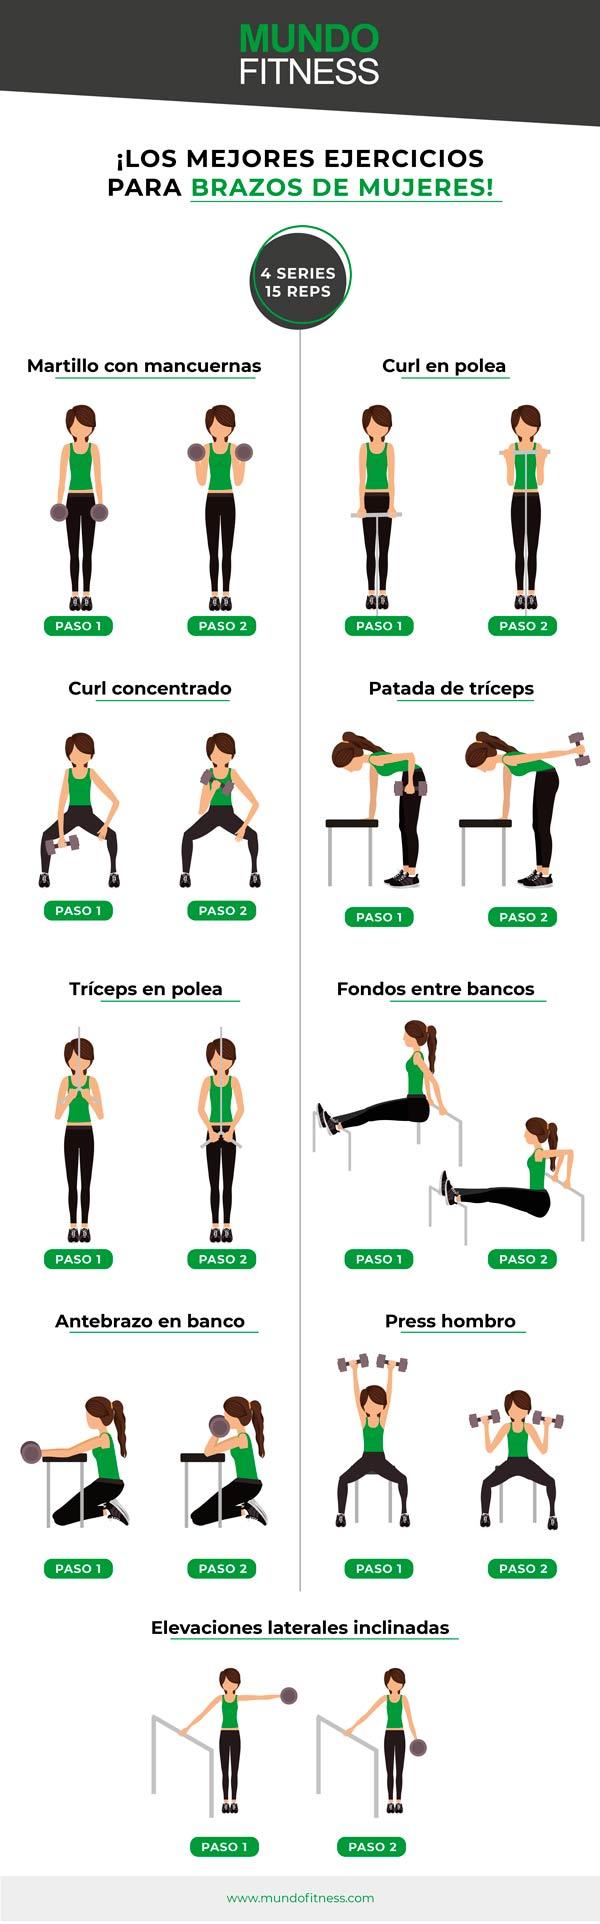 ejercicios para brazos de mujeres infografía